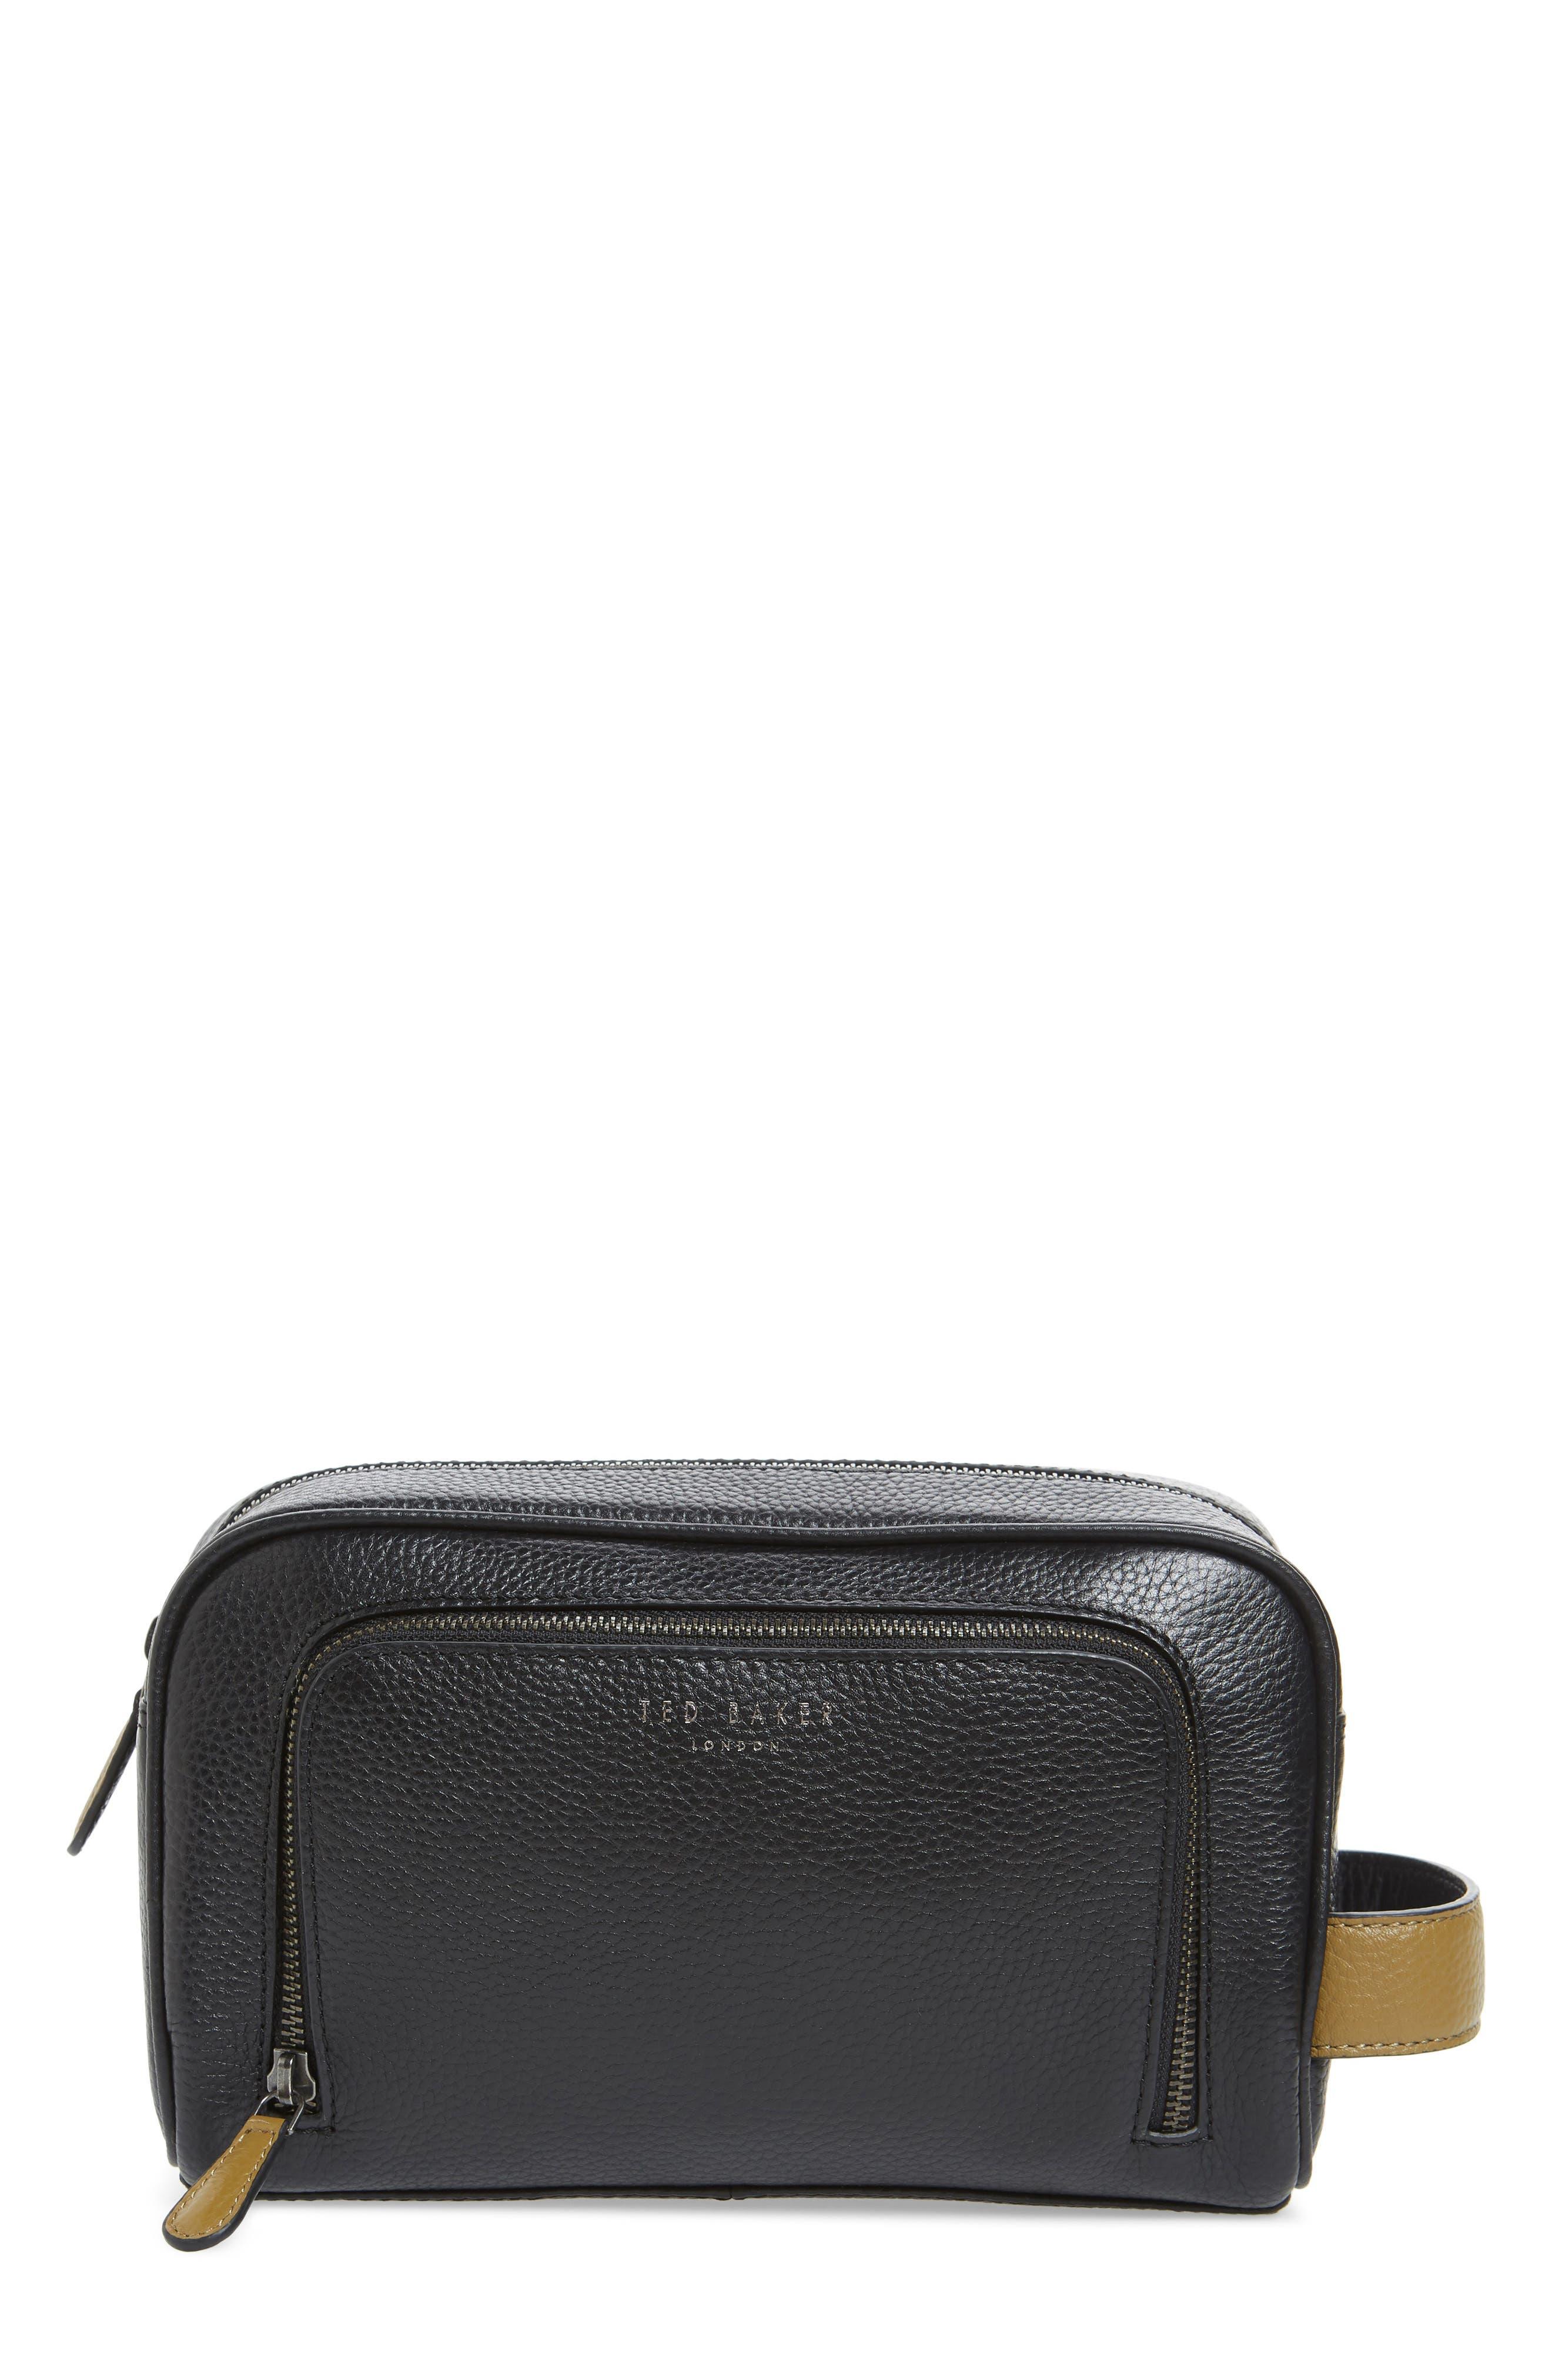 Soaps Leather Dopp Kit,                             Main thumbnail 1, color,                             BLACK